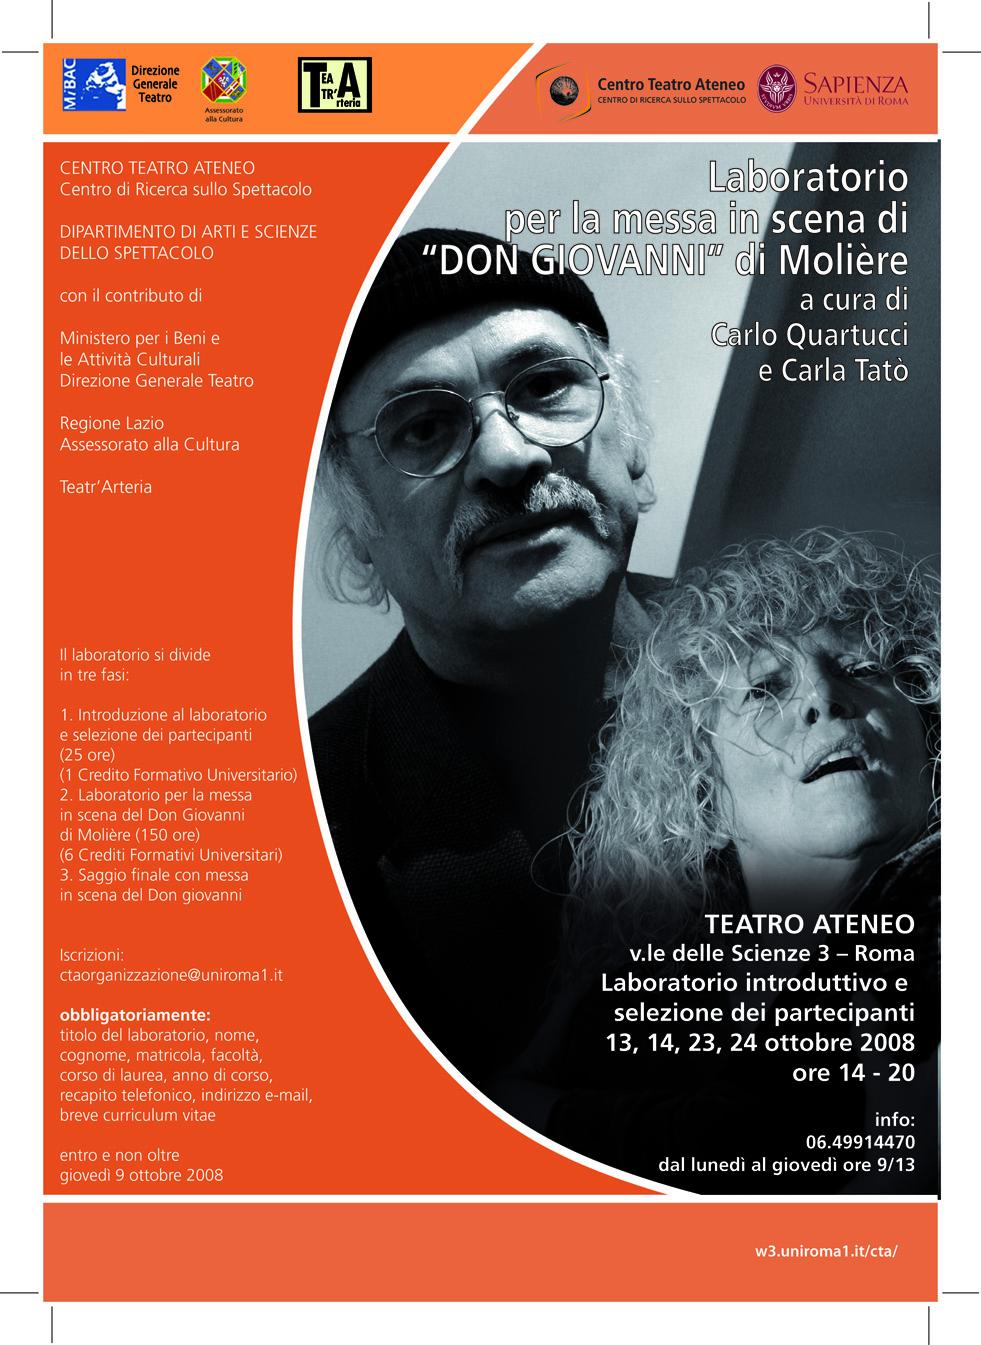 Laboratorio Fare teatro per una messa in scena del Don Giovanni di Moliére, Università La Sapienza CTA Centro Tatro Ateneo, ottobre 2008 - ottobre 2009